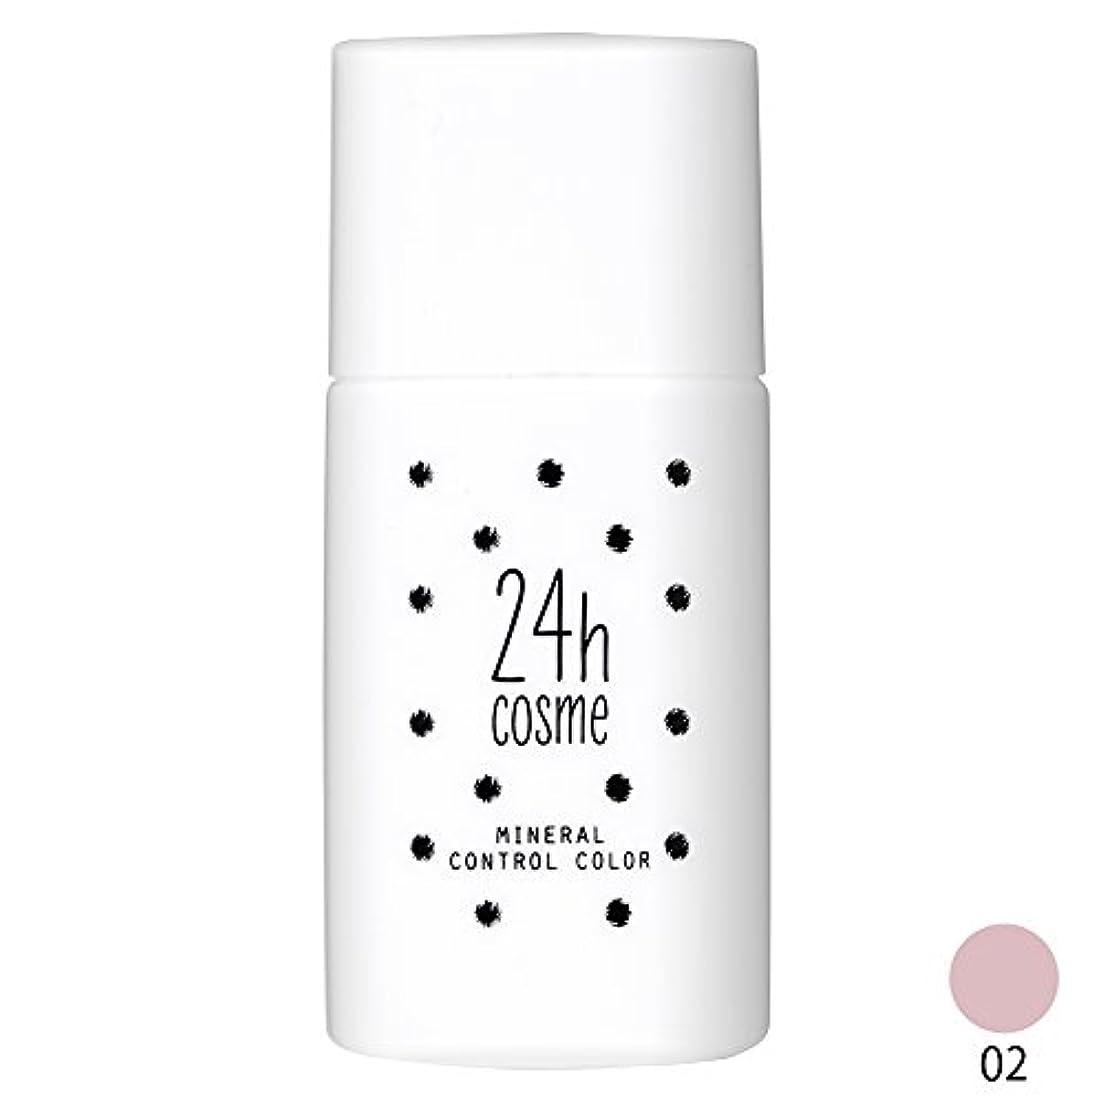 うまくいけば期限義務づける24h cosme 24 コントロールベースカラー 02クリアバイオレット 肌に優しい化粧下地 20ml